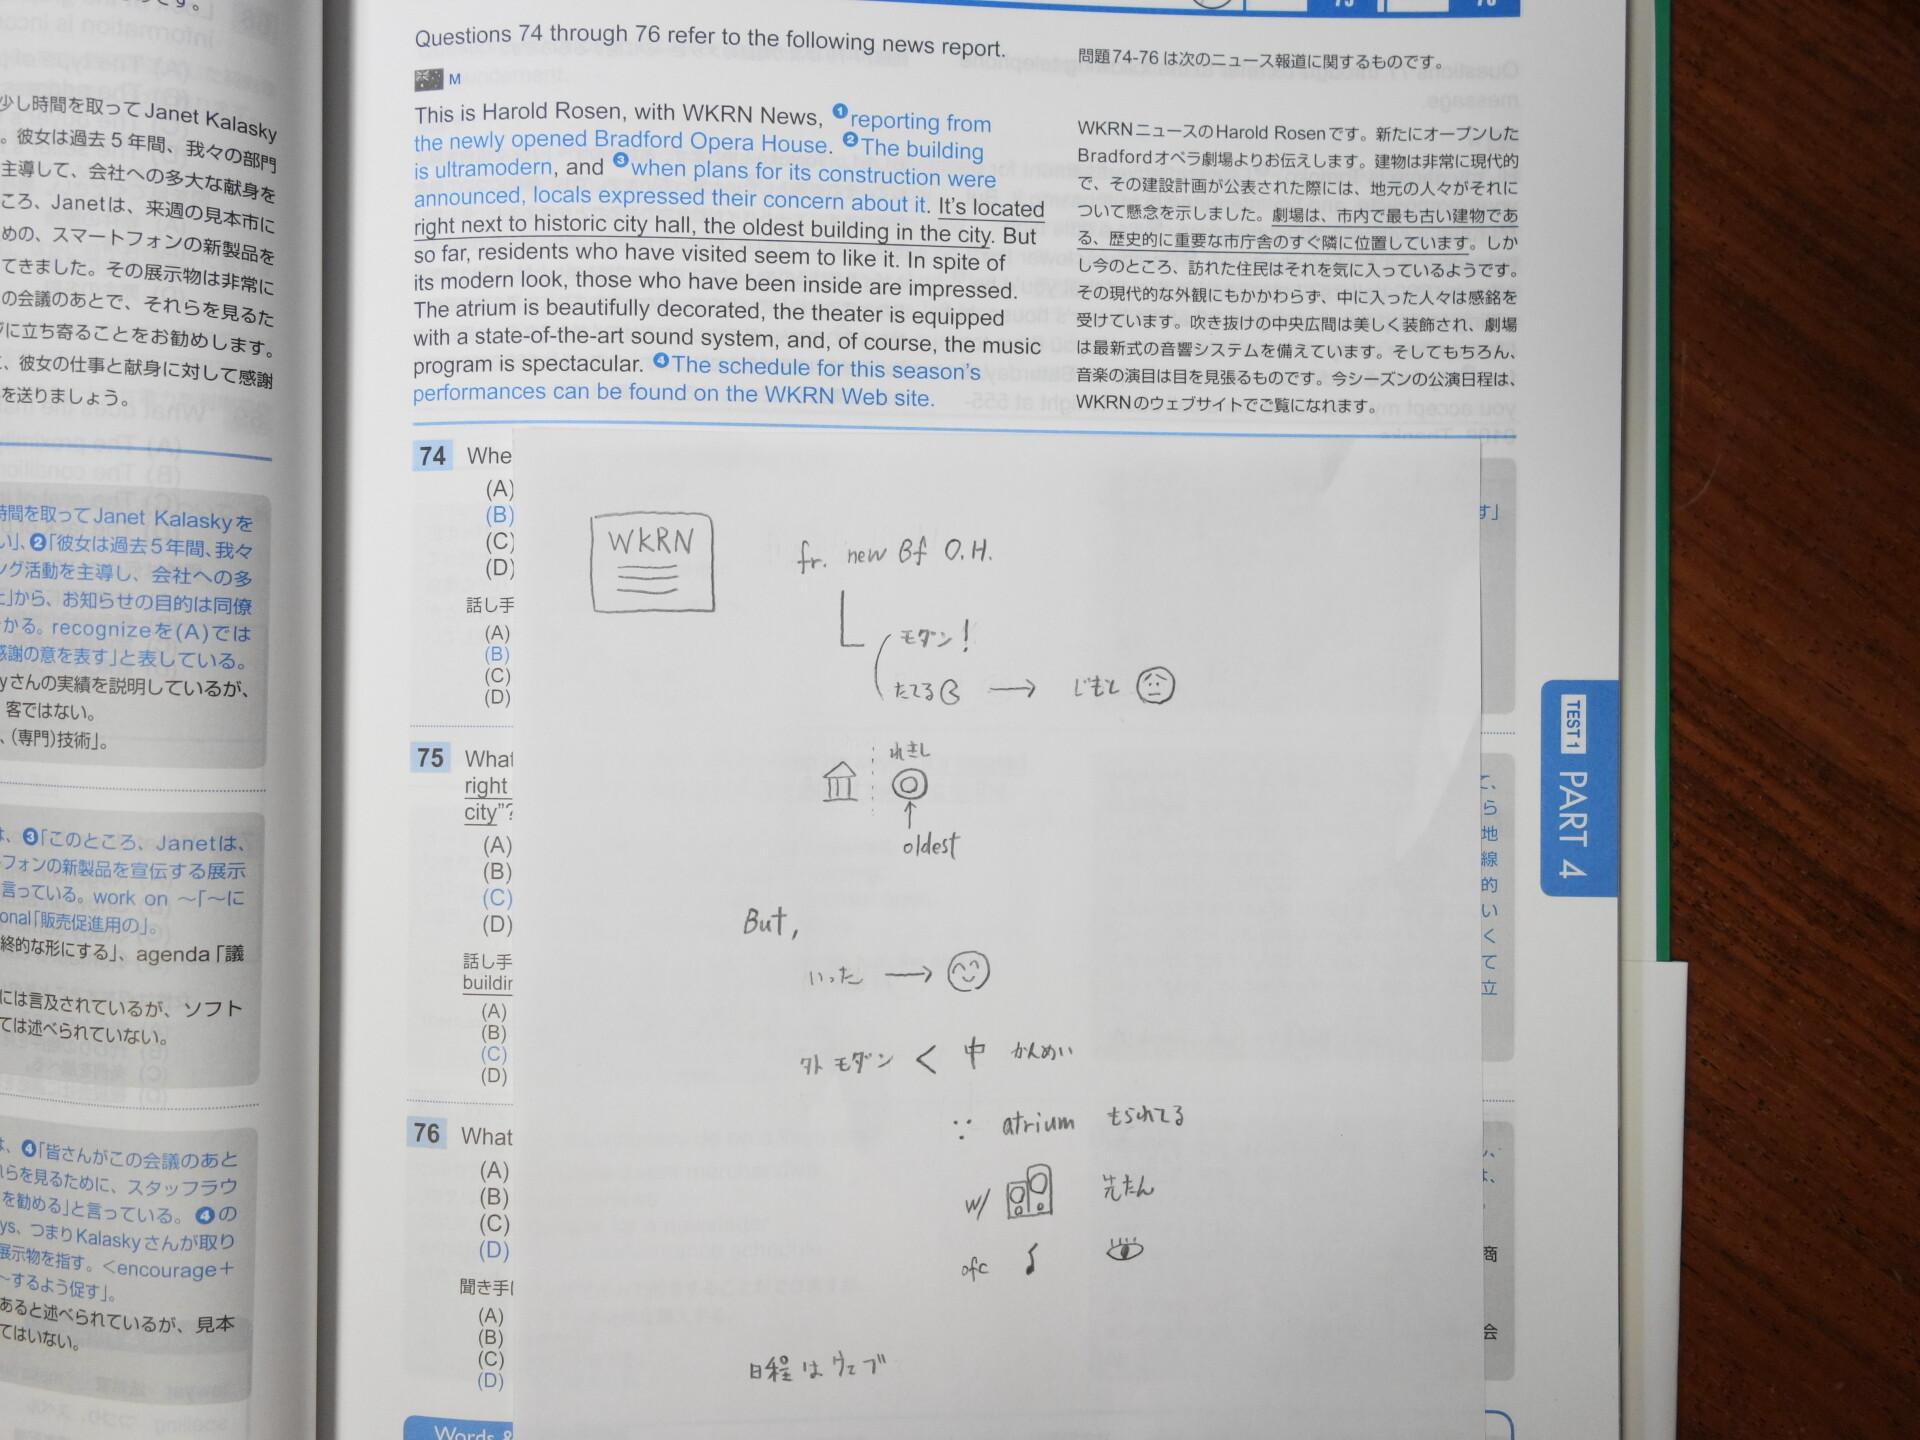 ノートテイキングの実践例